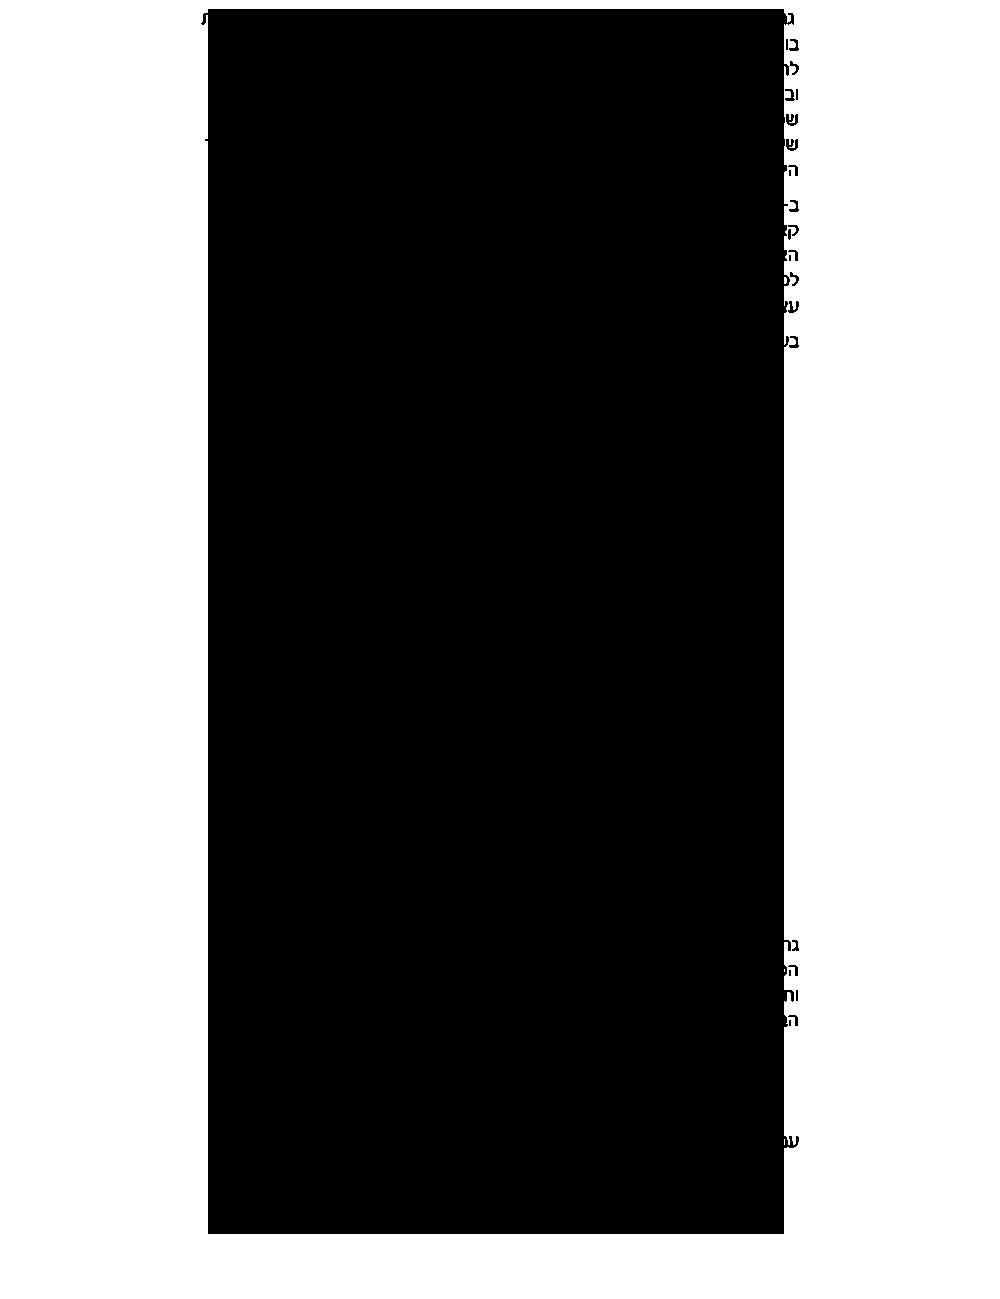 טקסט על גרטה אראלי